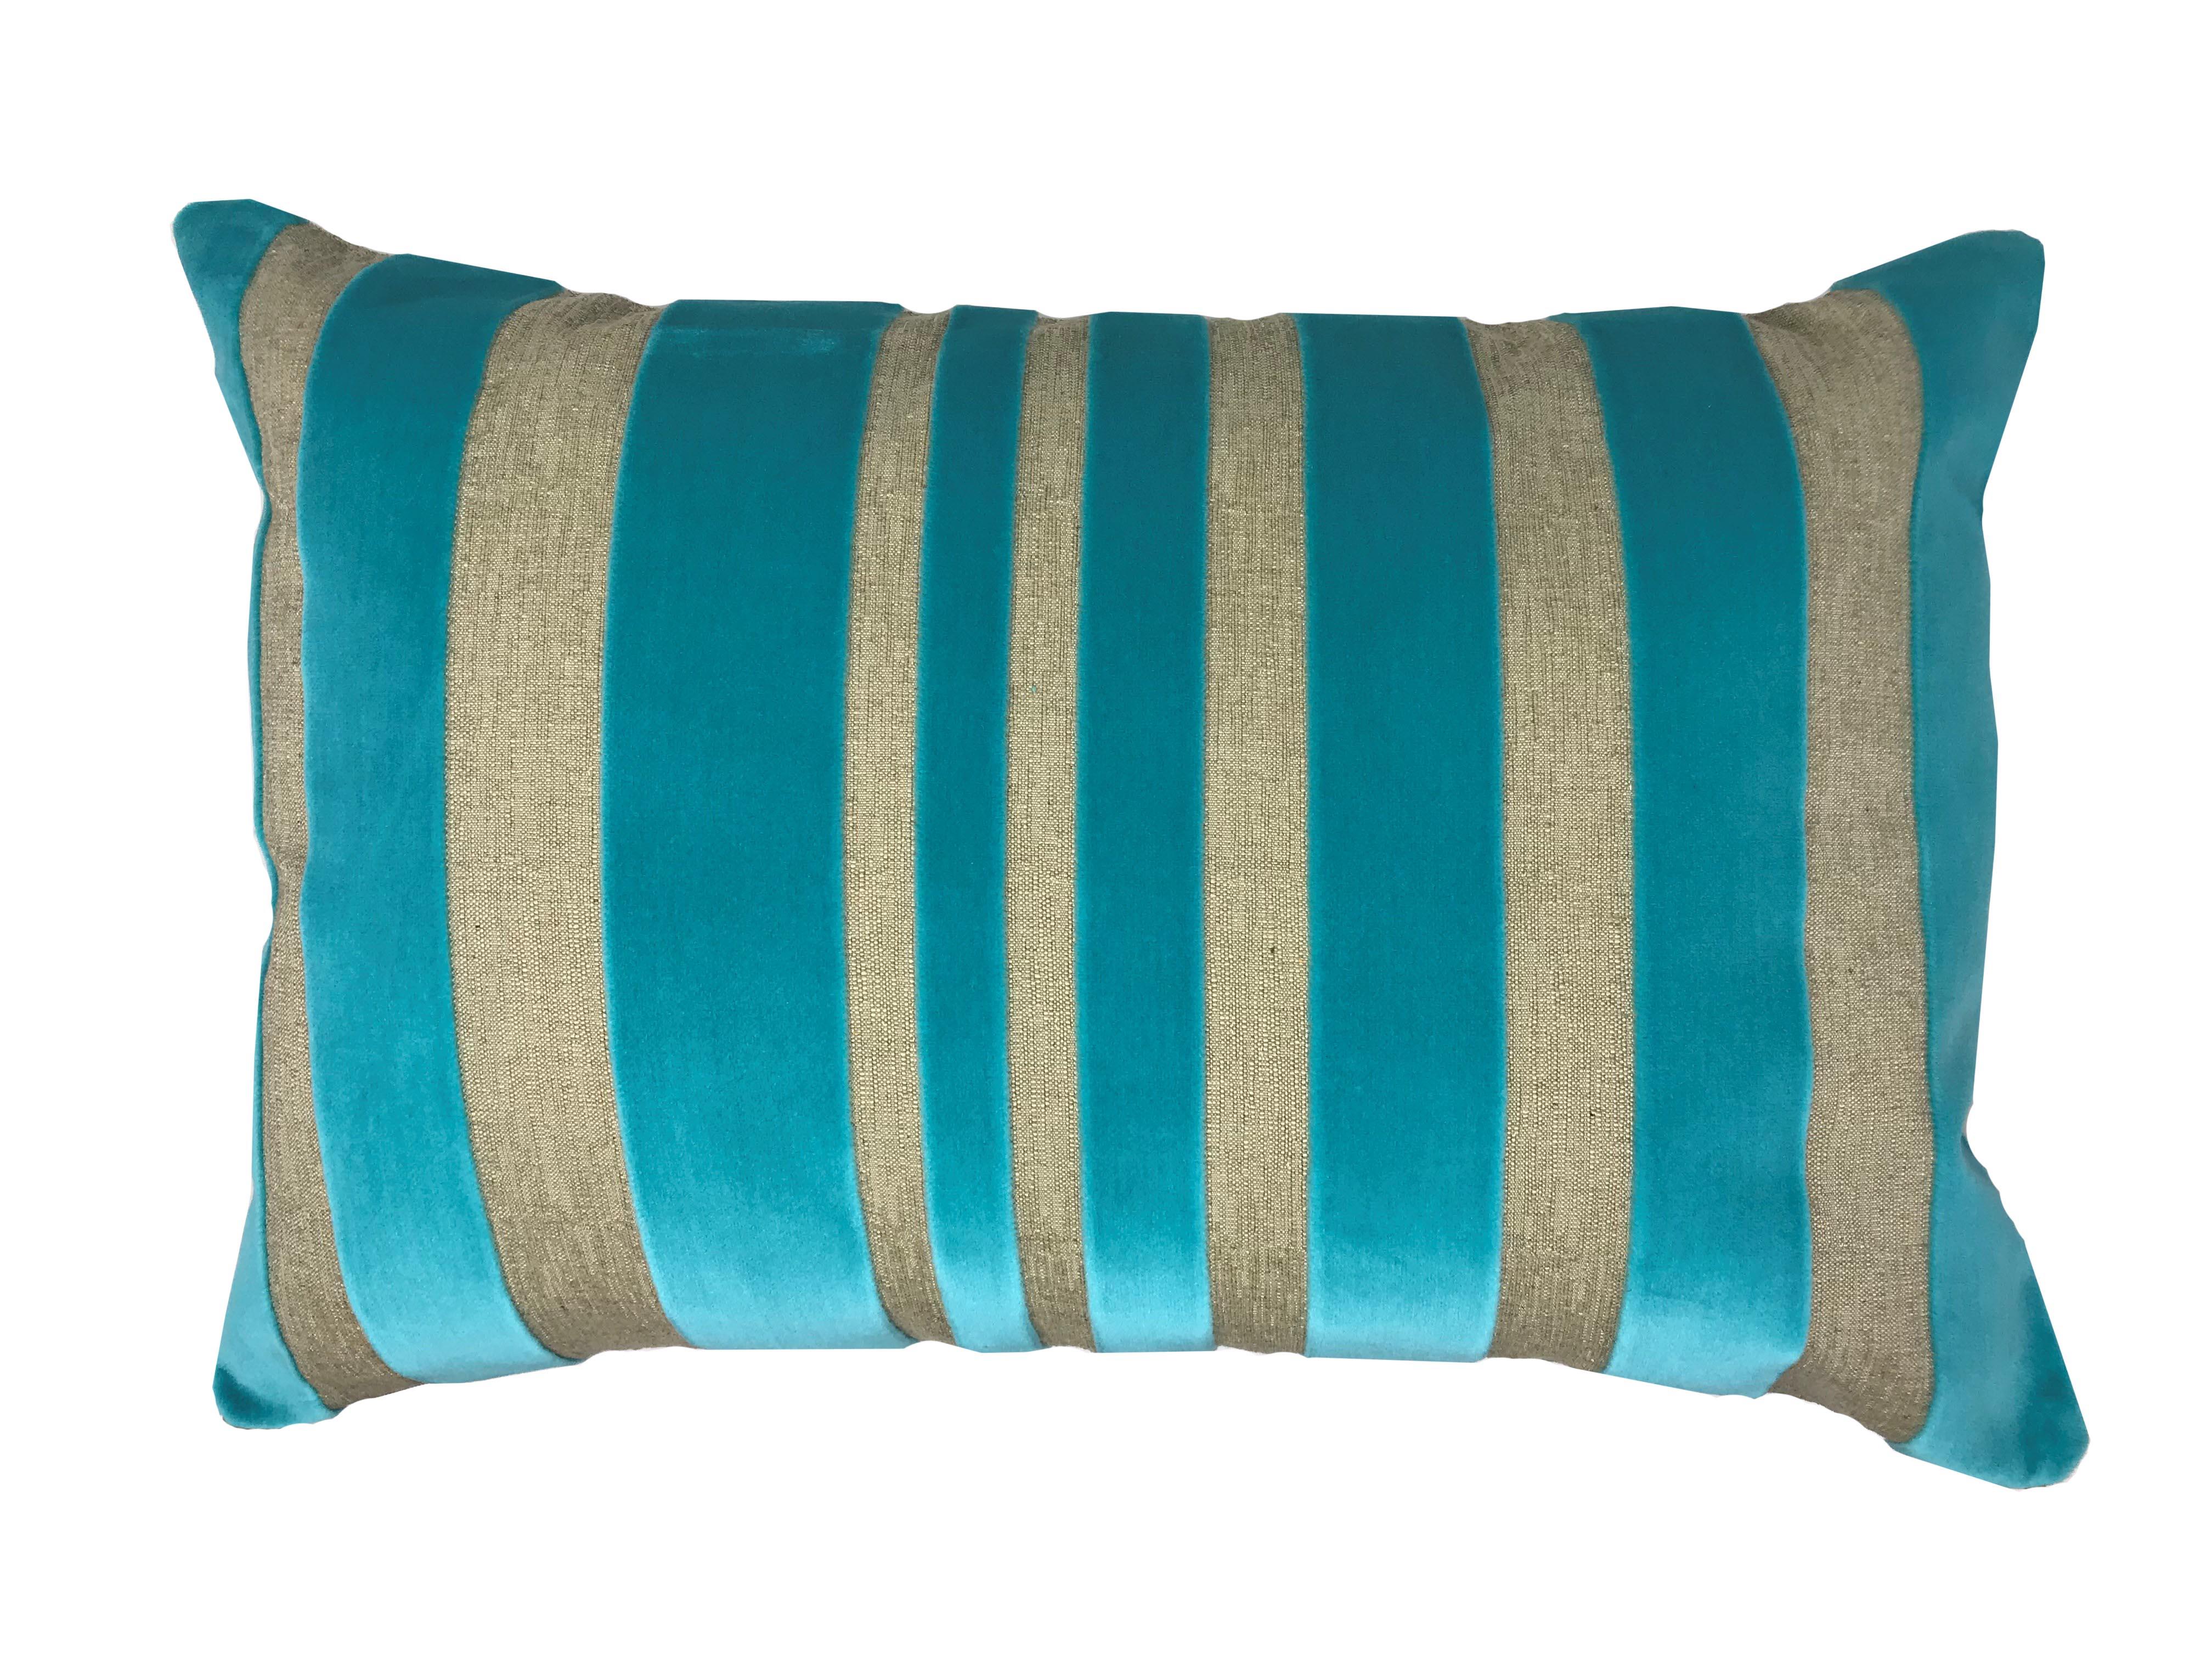 Yollu Velvet Teal Stripe 58cm x 39cm Boudoir Cushion Cover Only